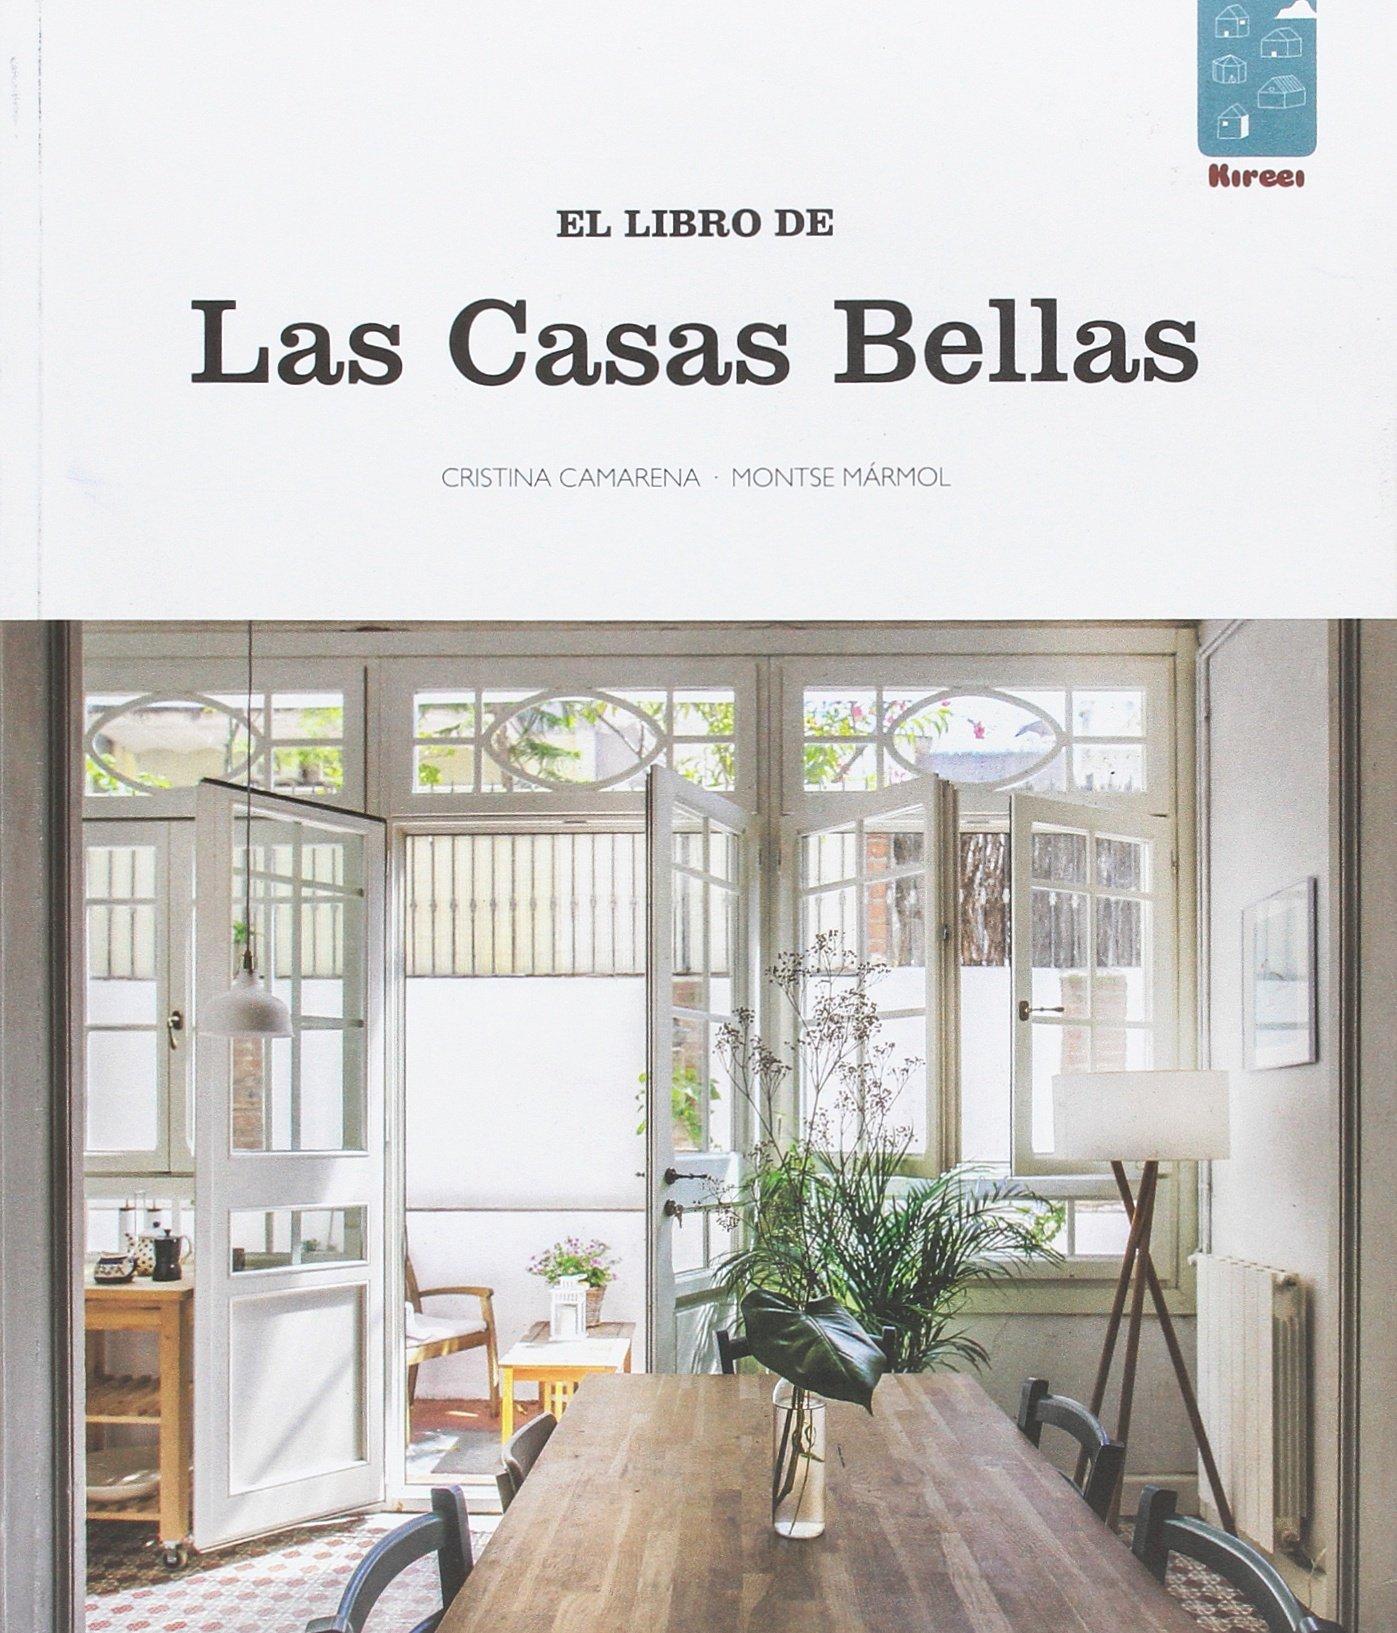 El libro de las casas bellas (Spanish) Paperback – November 15, 2016